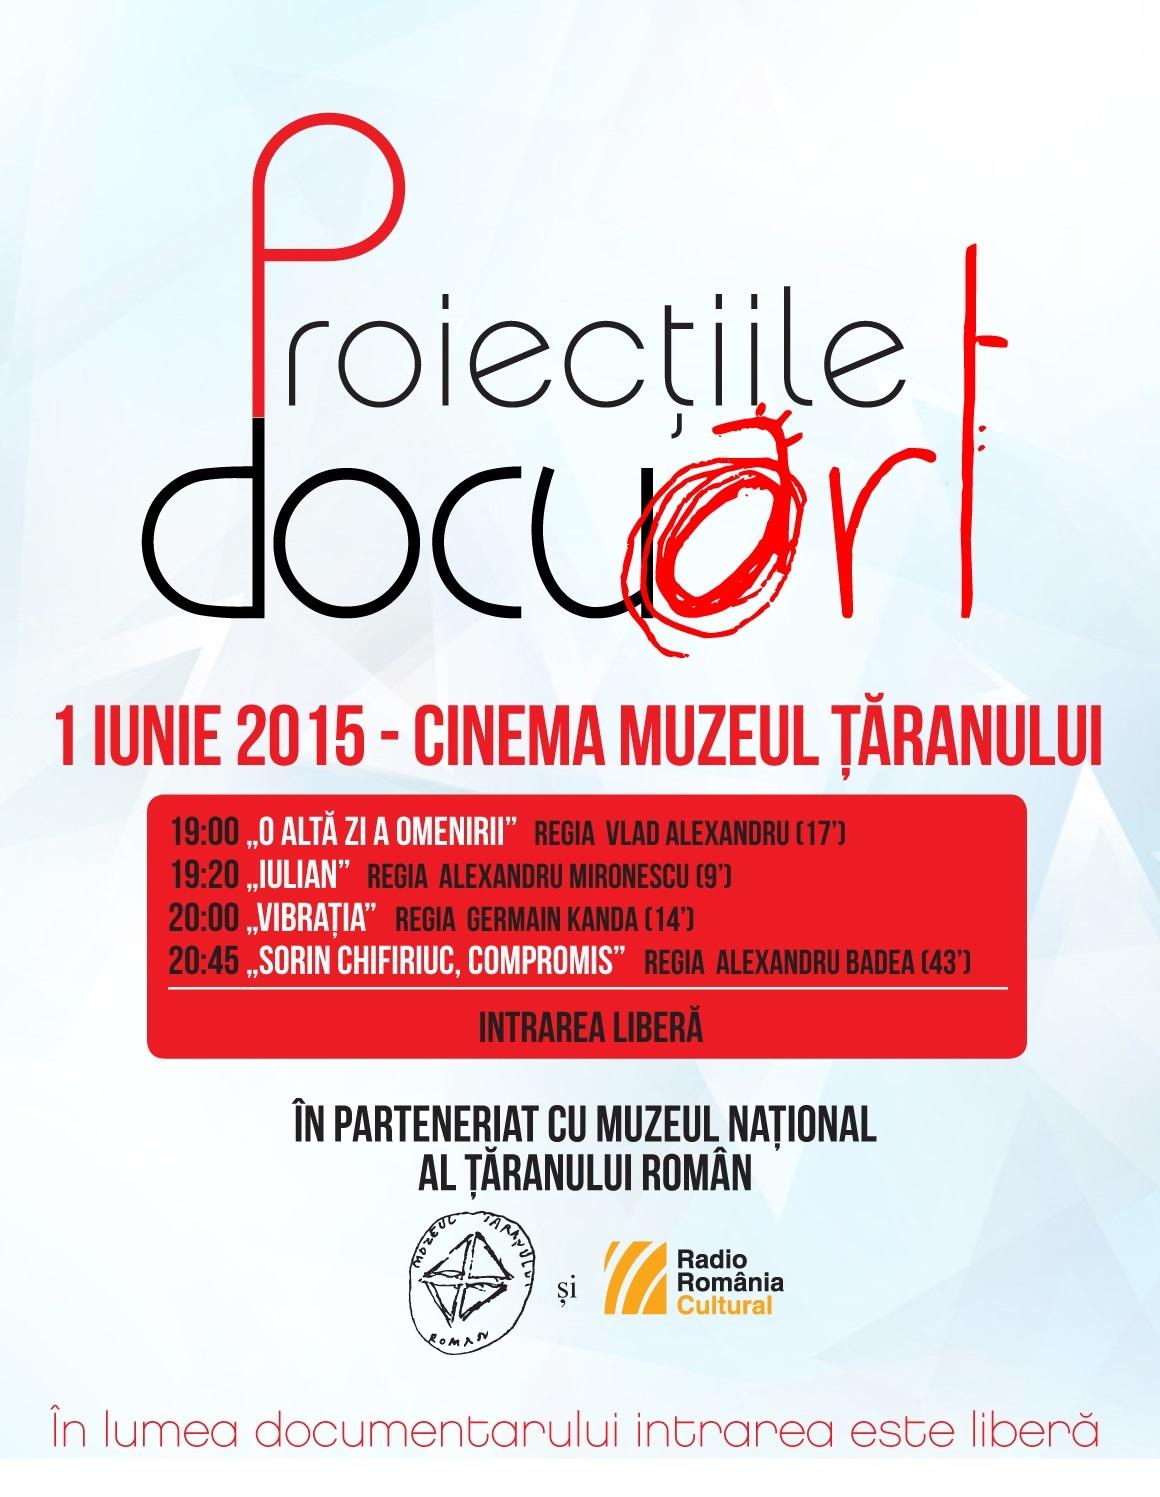 Proiecțiile Docuart vor fi vizionate gratuit la Cinema Muzeul Țăranului